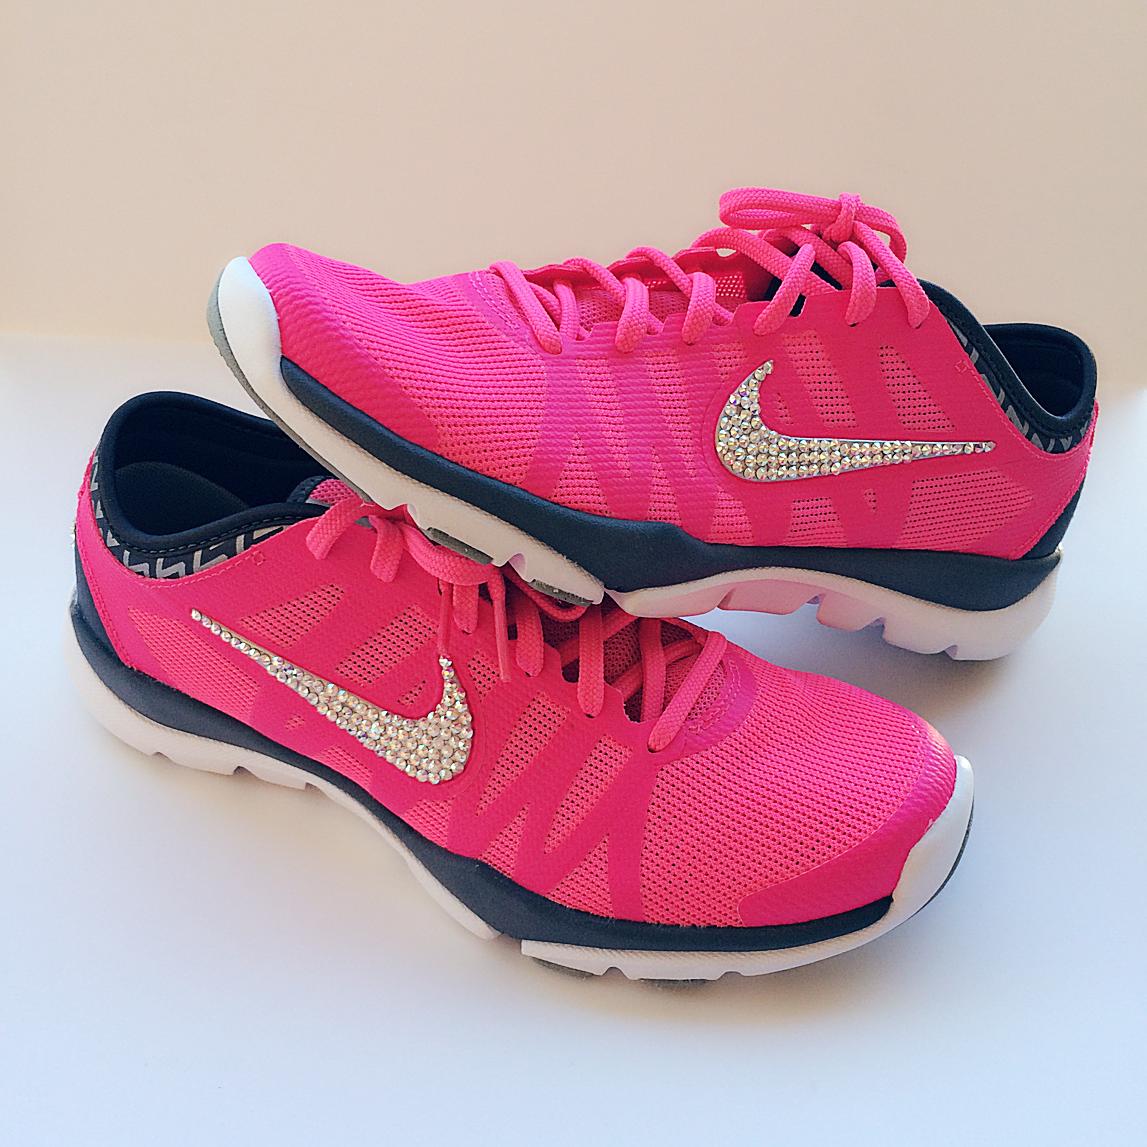 Nike Flex Supreme TR3 Swarovski Bling Shoe - Pink  f70a1d9d51aa